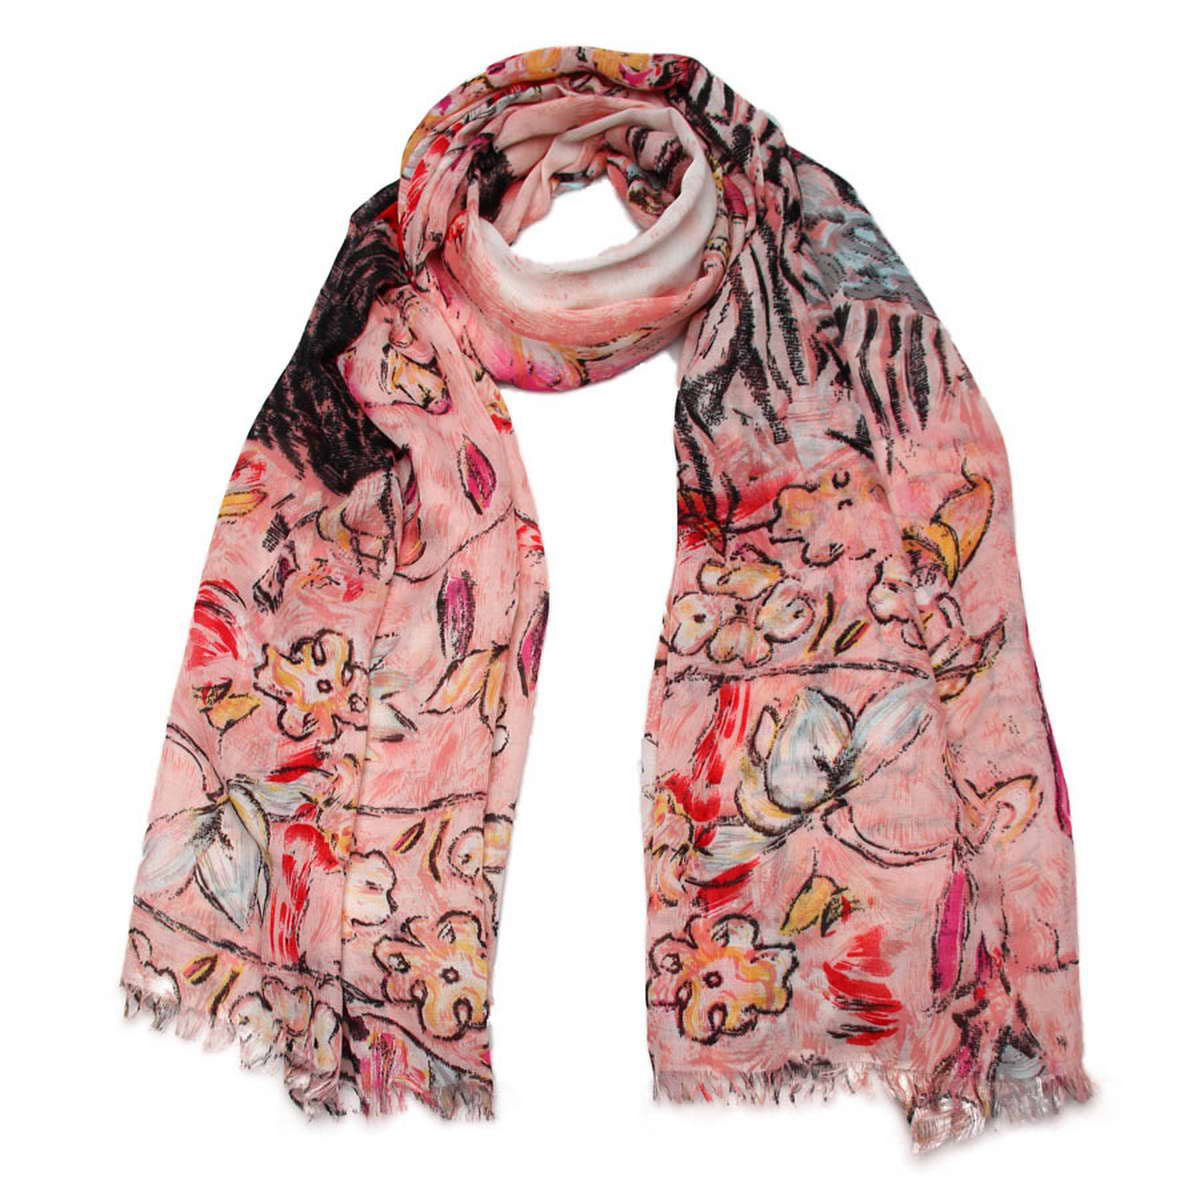 Палантин женский Venera, цвет: розовый, мультиколор. 3415201-05. Размер 90 см х 180 см3415201-05Элегантный женский палантин Venera изготовленный из вискозы, станет идеальным украшением для наряда нежной, тонкой и романтичной натуры. Палантин имеет отличное качество и приятную текстуру материала, он подарит настоящий комфорт при носке, а большие размеры позволят завязать изделие множеством вариантов. Изделие оформлено оригинальным принтом в пастельных тонах и декорировано бахромой.В этом палантине вы всегда будете выглядеть женственной и привлекательной.